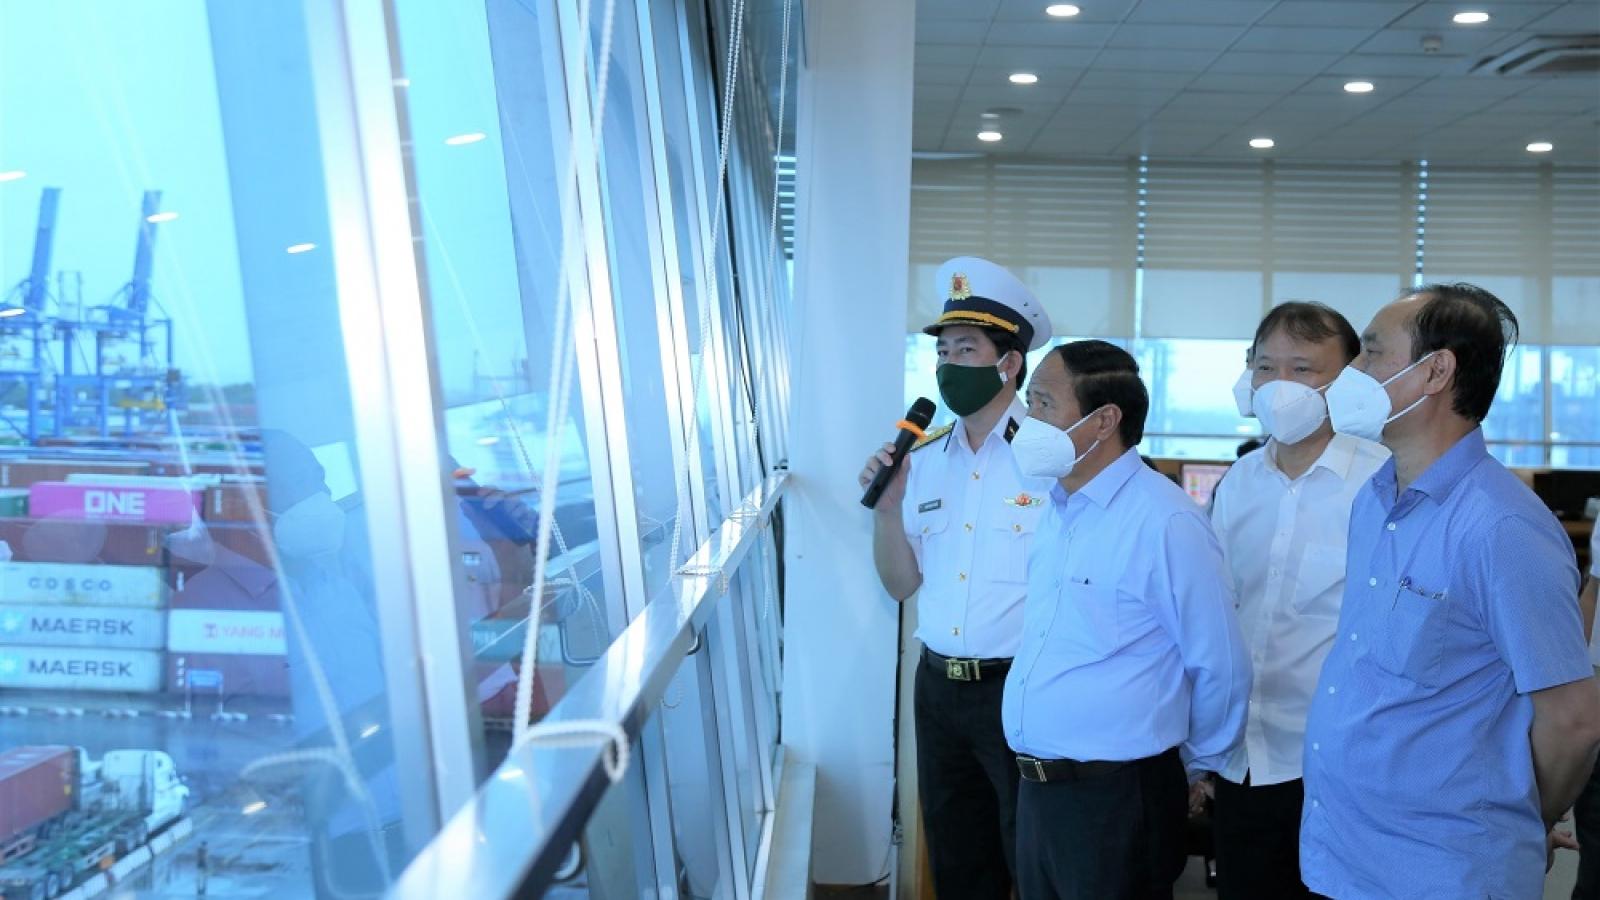 Phó Thủ tướng Lê Văn Thành: Không để xảy ra tắc nghẽn tại các cảng biển